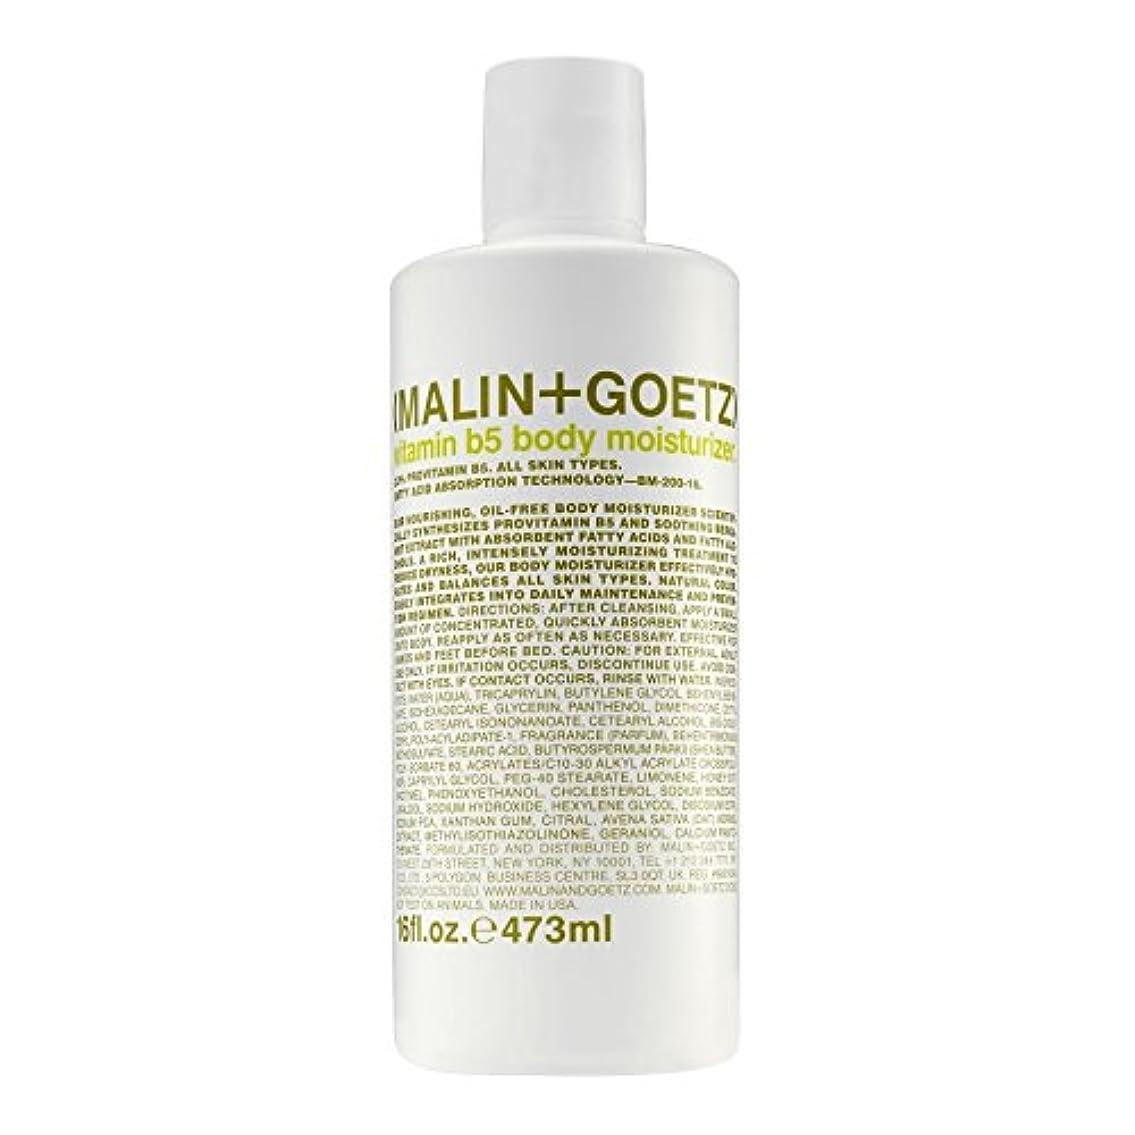 従来の貢献するアフリカマリン+ゲッツビタミン5ボディモイスチャライザーの473ミリリットル x2 - MALIN+GOETZ Vitamin B5 Body Moisturiser 473ml (Pack of 2) [並行輸入品]